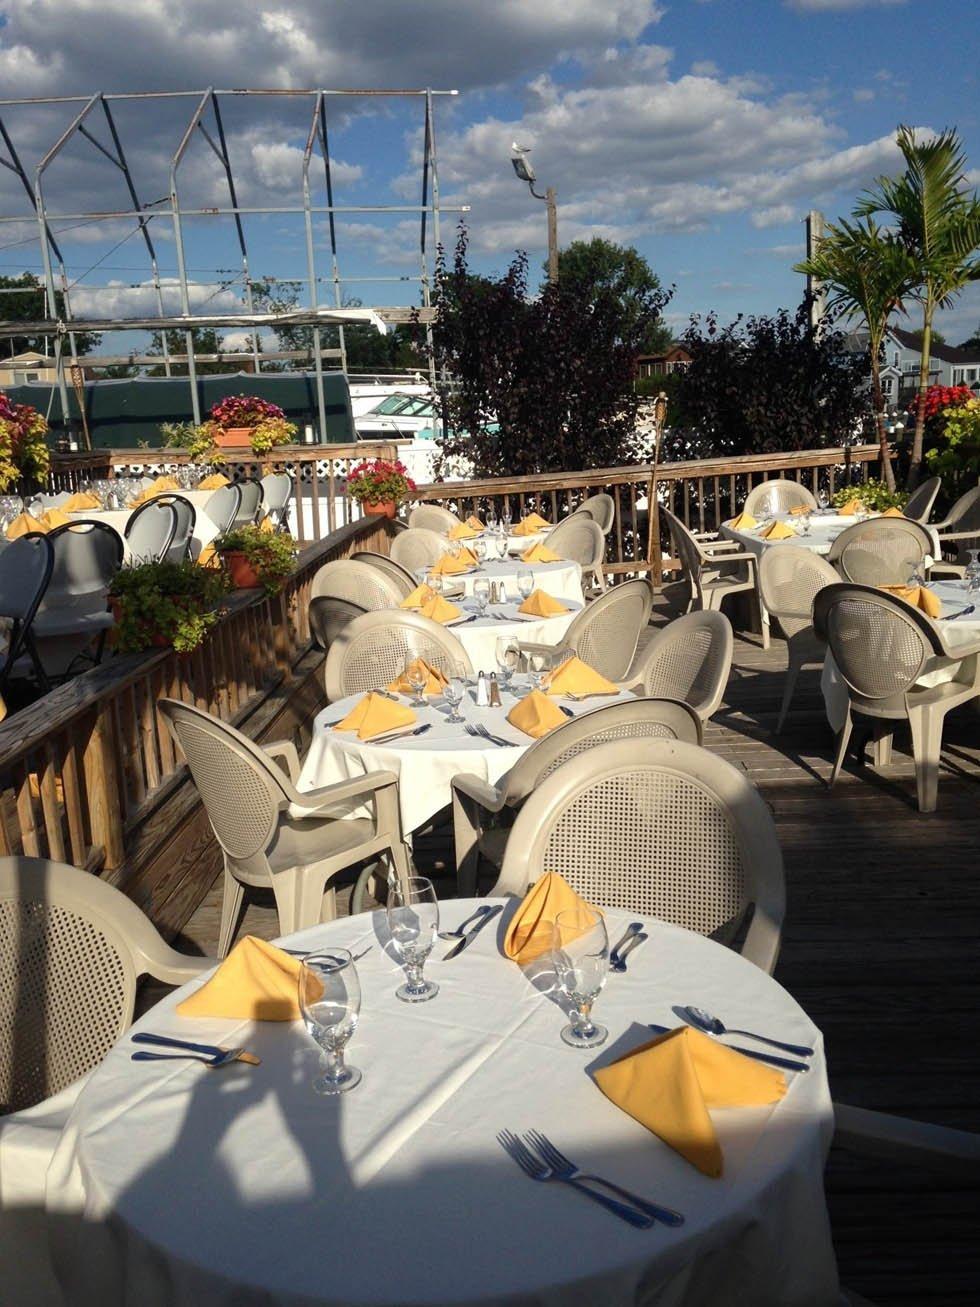 Waterfront Dining Merrick Ny